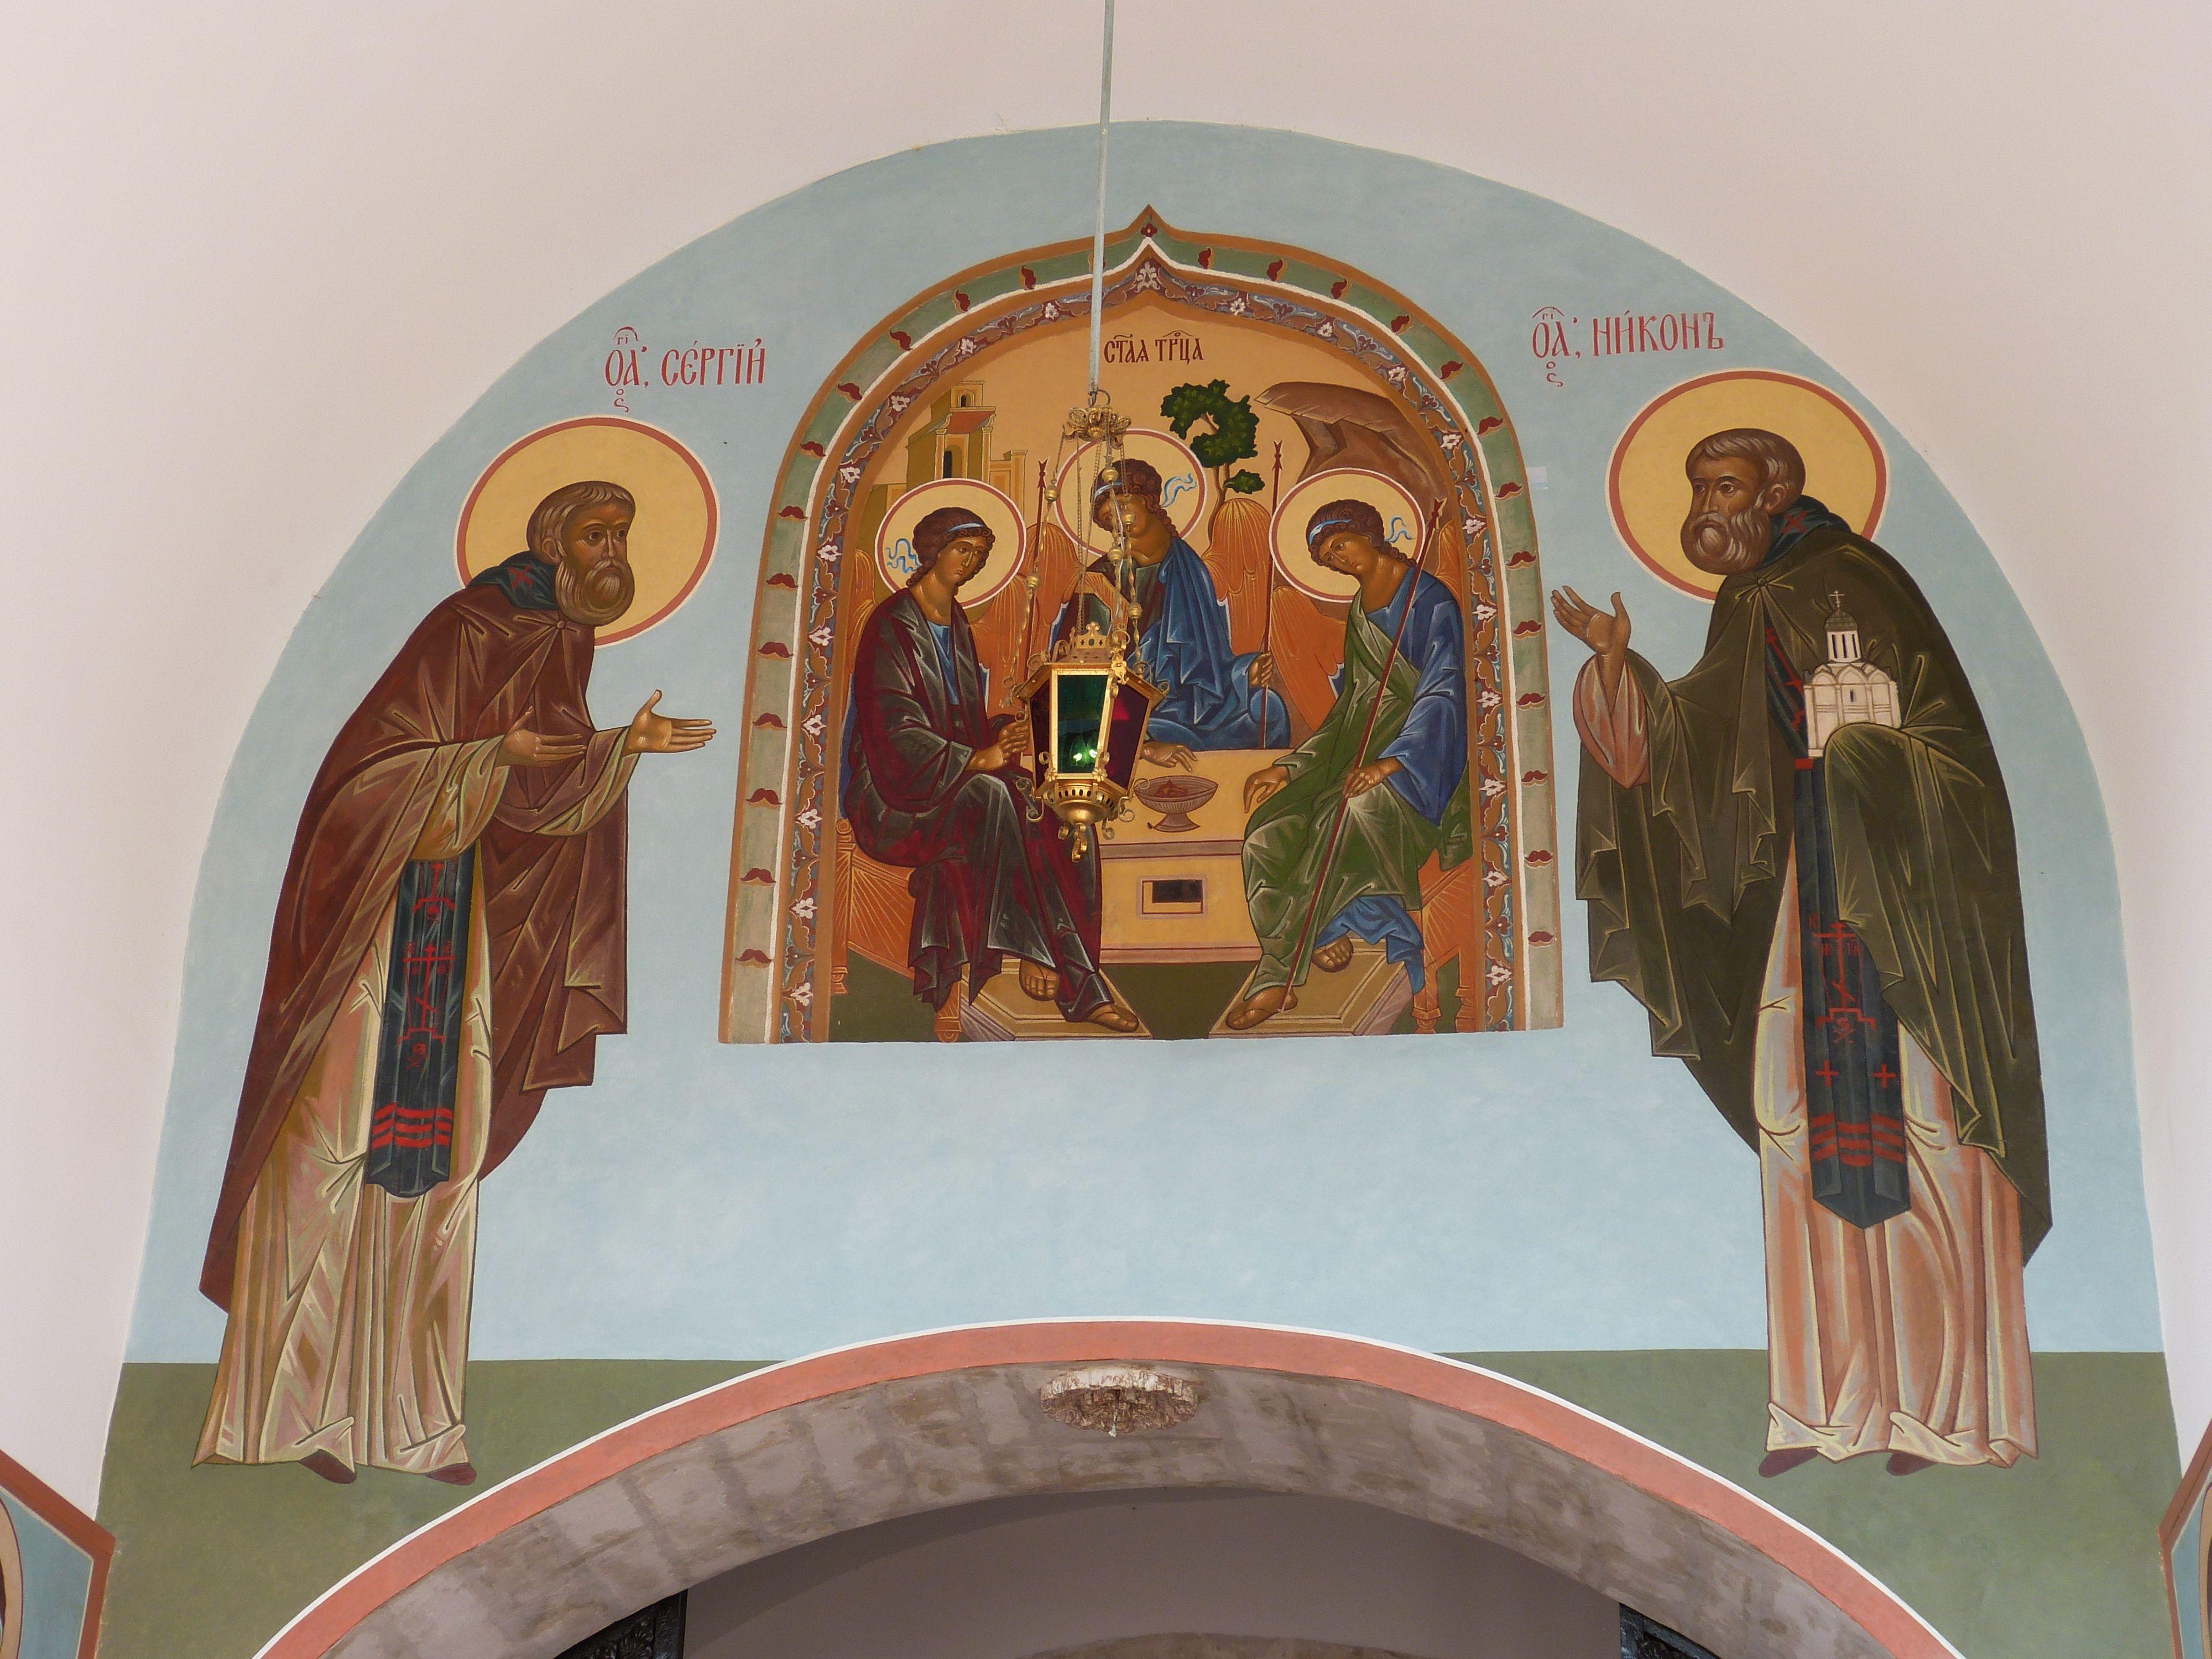 Innenarchitektur Geschichte kostenlose foto fenster bogen kirche kapelle innenarchitektur